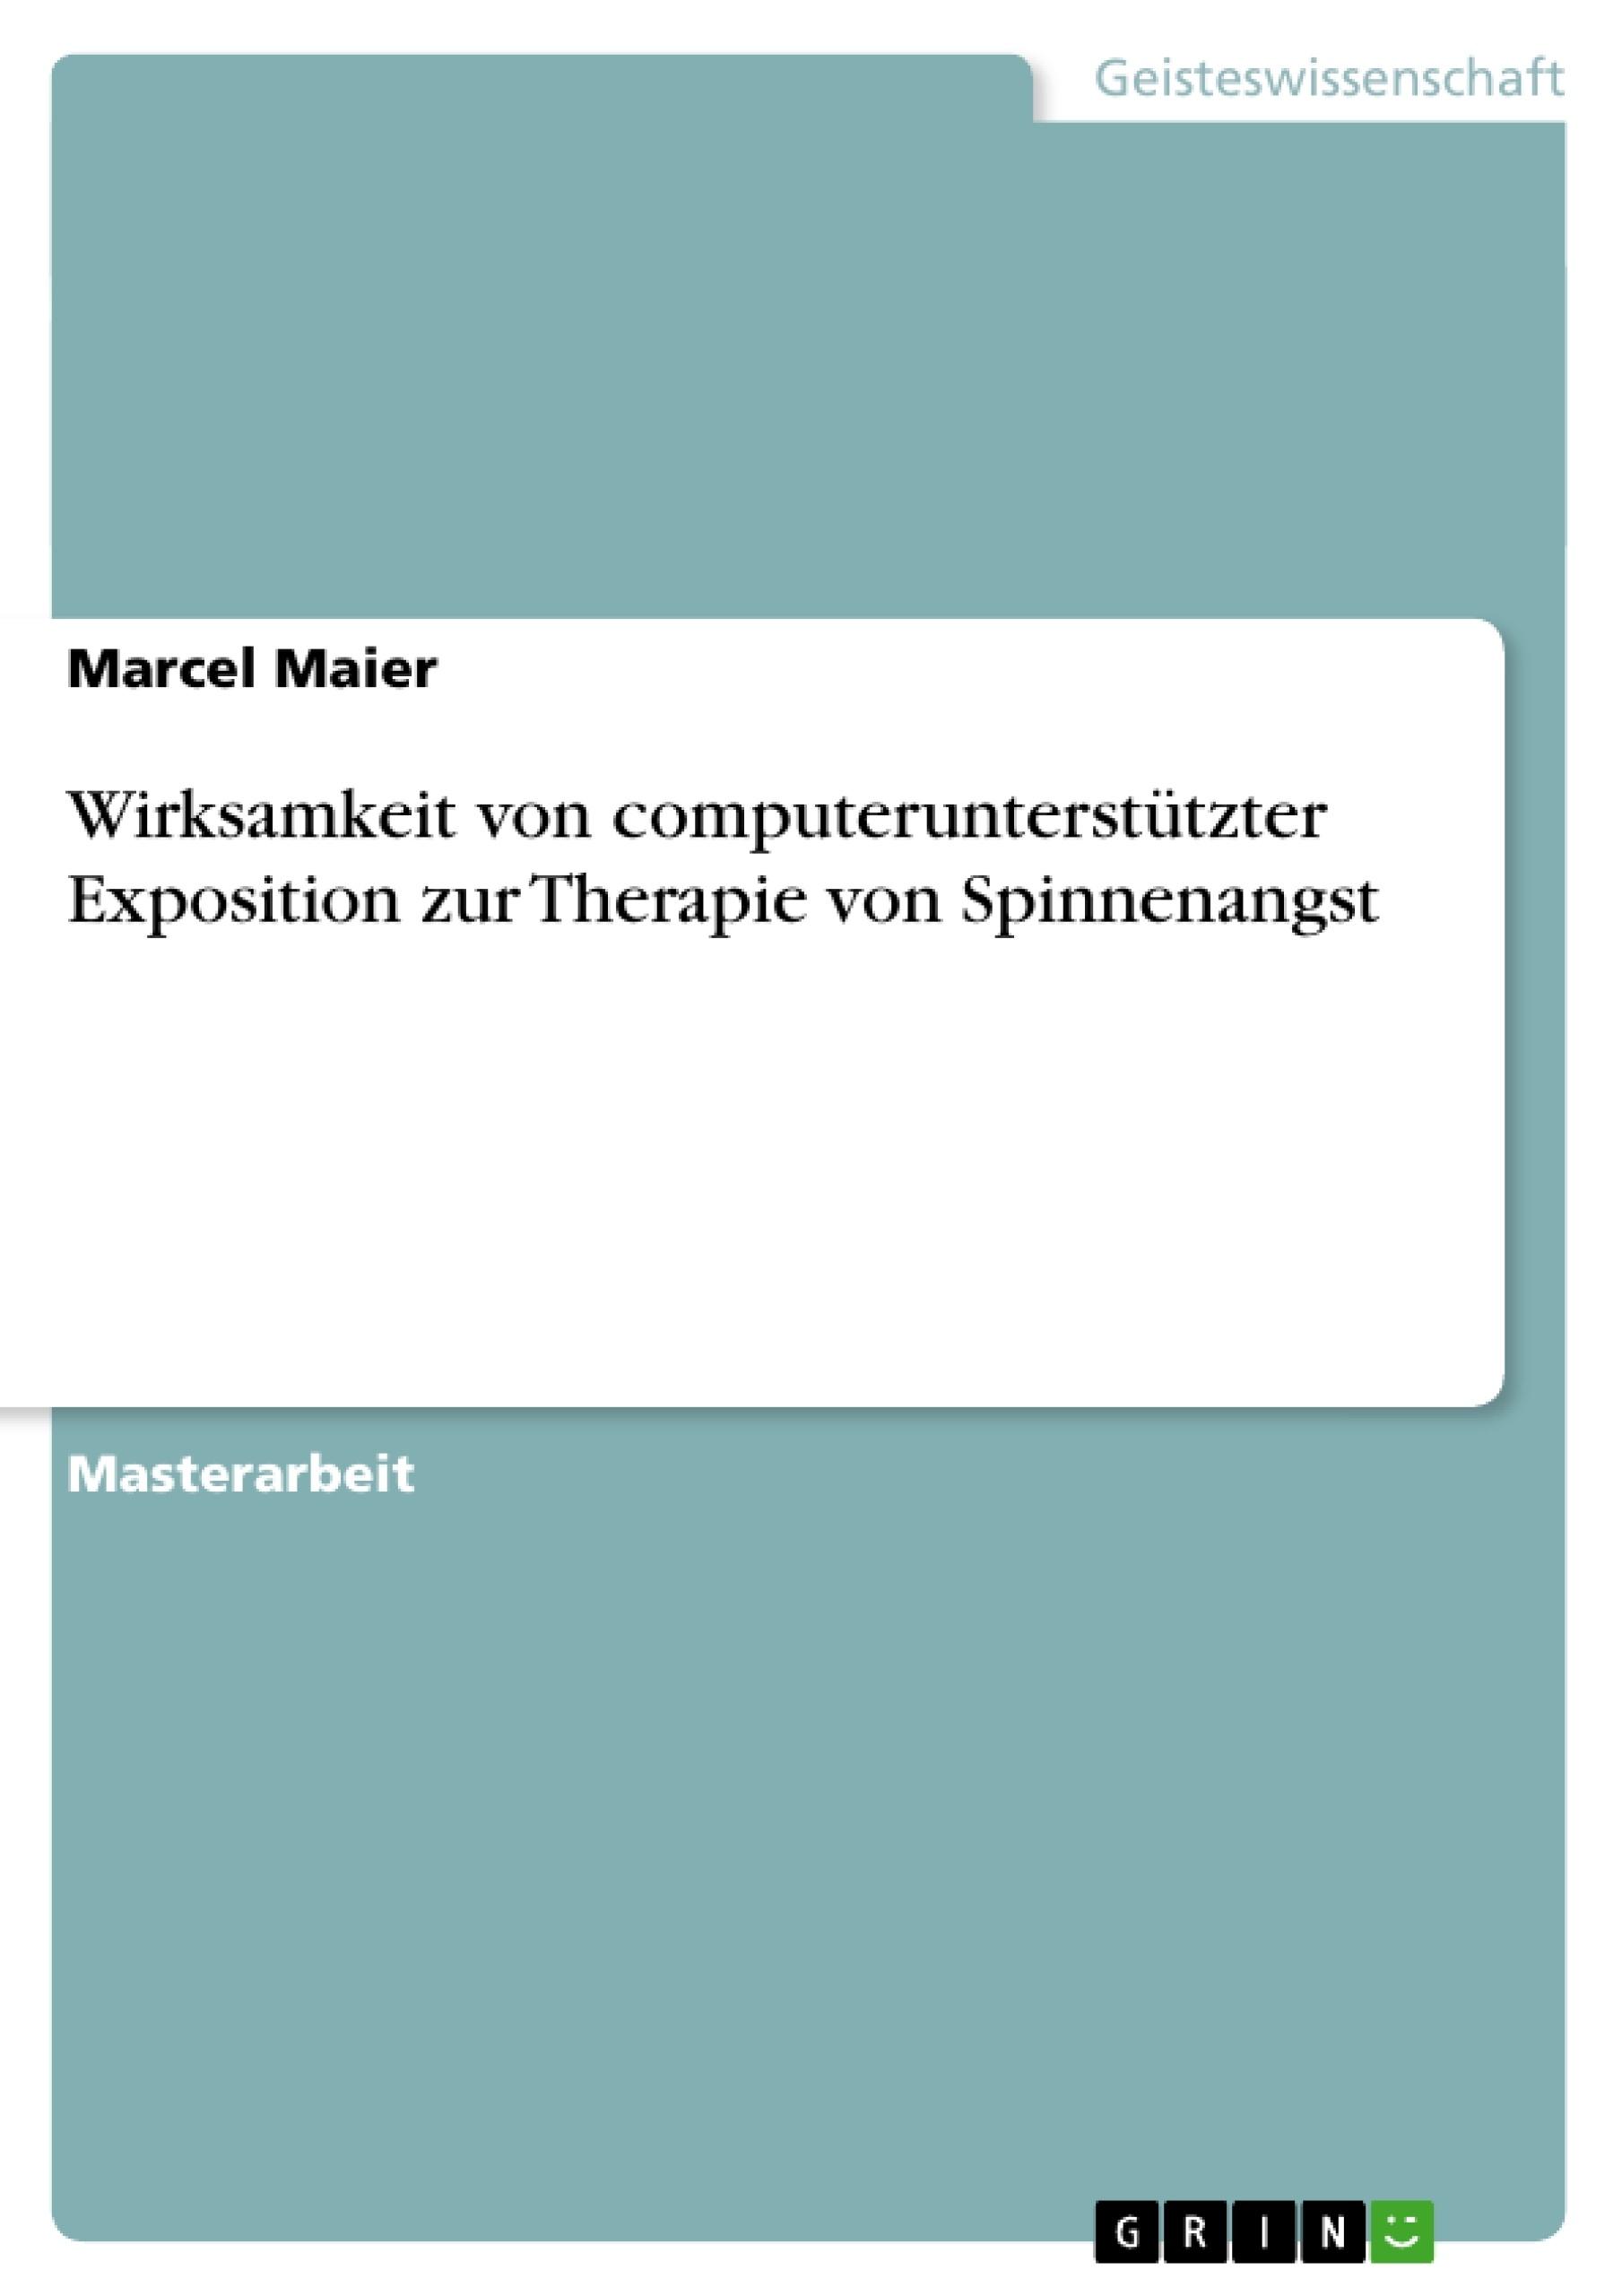 Titel: Wirksamkeit von computerunterstützter Exposition zur Therapie von Spinnenangst